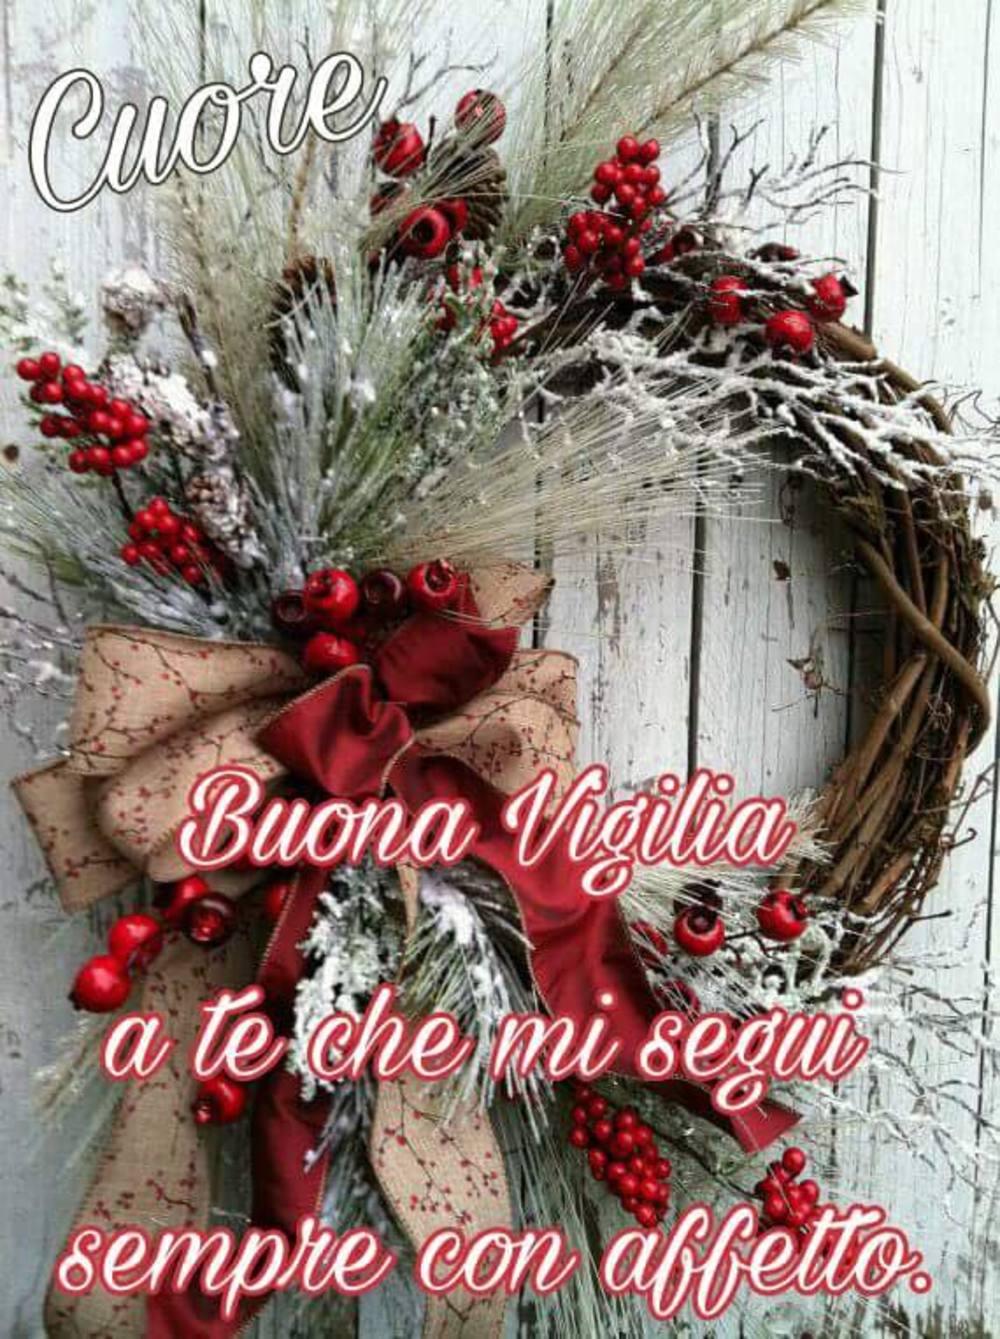 Frasi Buongiorno Vigilia Di Natale.15 Immagini E Frasi Di Vigilia Di Natale Da Scaricare Gratis Buongiornospeciale It